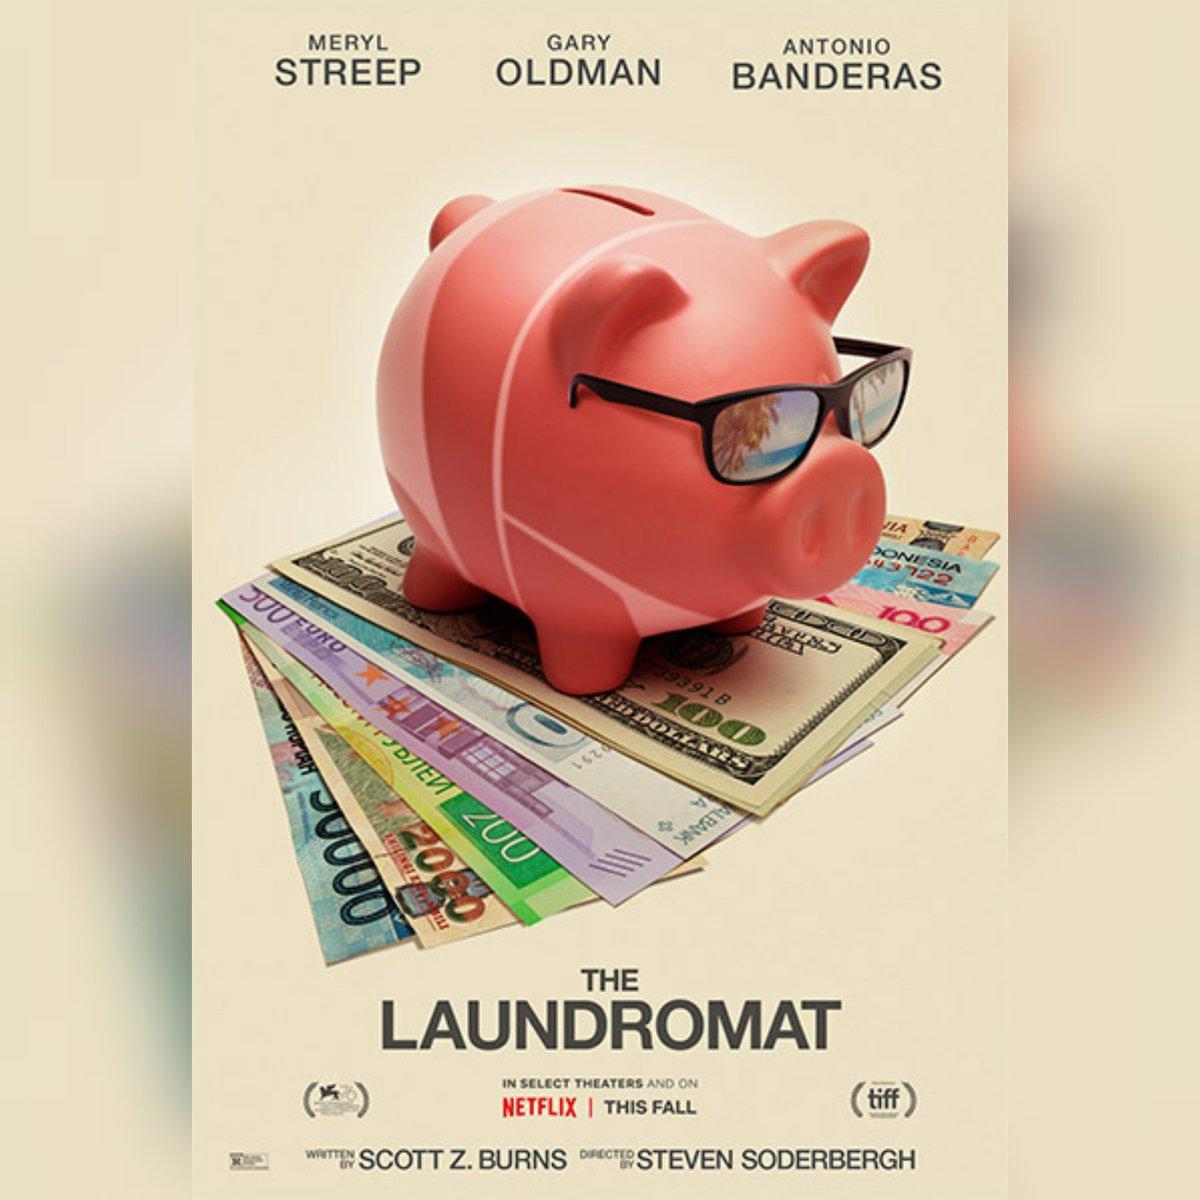 LA LAVANDERÍA AÑO: 2019 GÉNERO: DRAMA / COMEDIA DIRECTOR: STEVEN SODERBERGH ELENCO: GARY OLDMAN, ANTONIO BANDERAS, MERYL STREEP, JAMES CROMWELL, JEFF MICHALSKY, JANE MORRIS, ROBERT PATRIC Y JAY PAULSON#CineCalidad #ColombiaDecideOctubre 19 de 2019https://www.cinecalidad.is/pelicula/la-lavanderia-2019-online-descarga/…